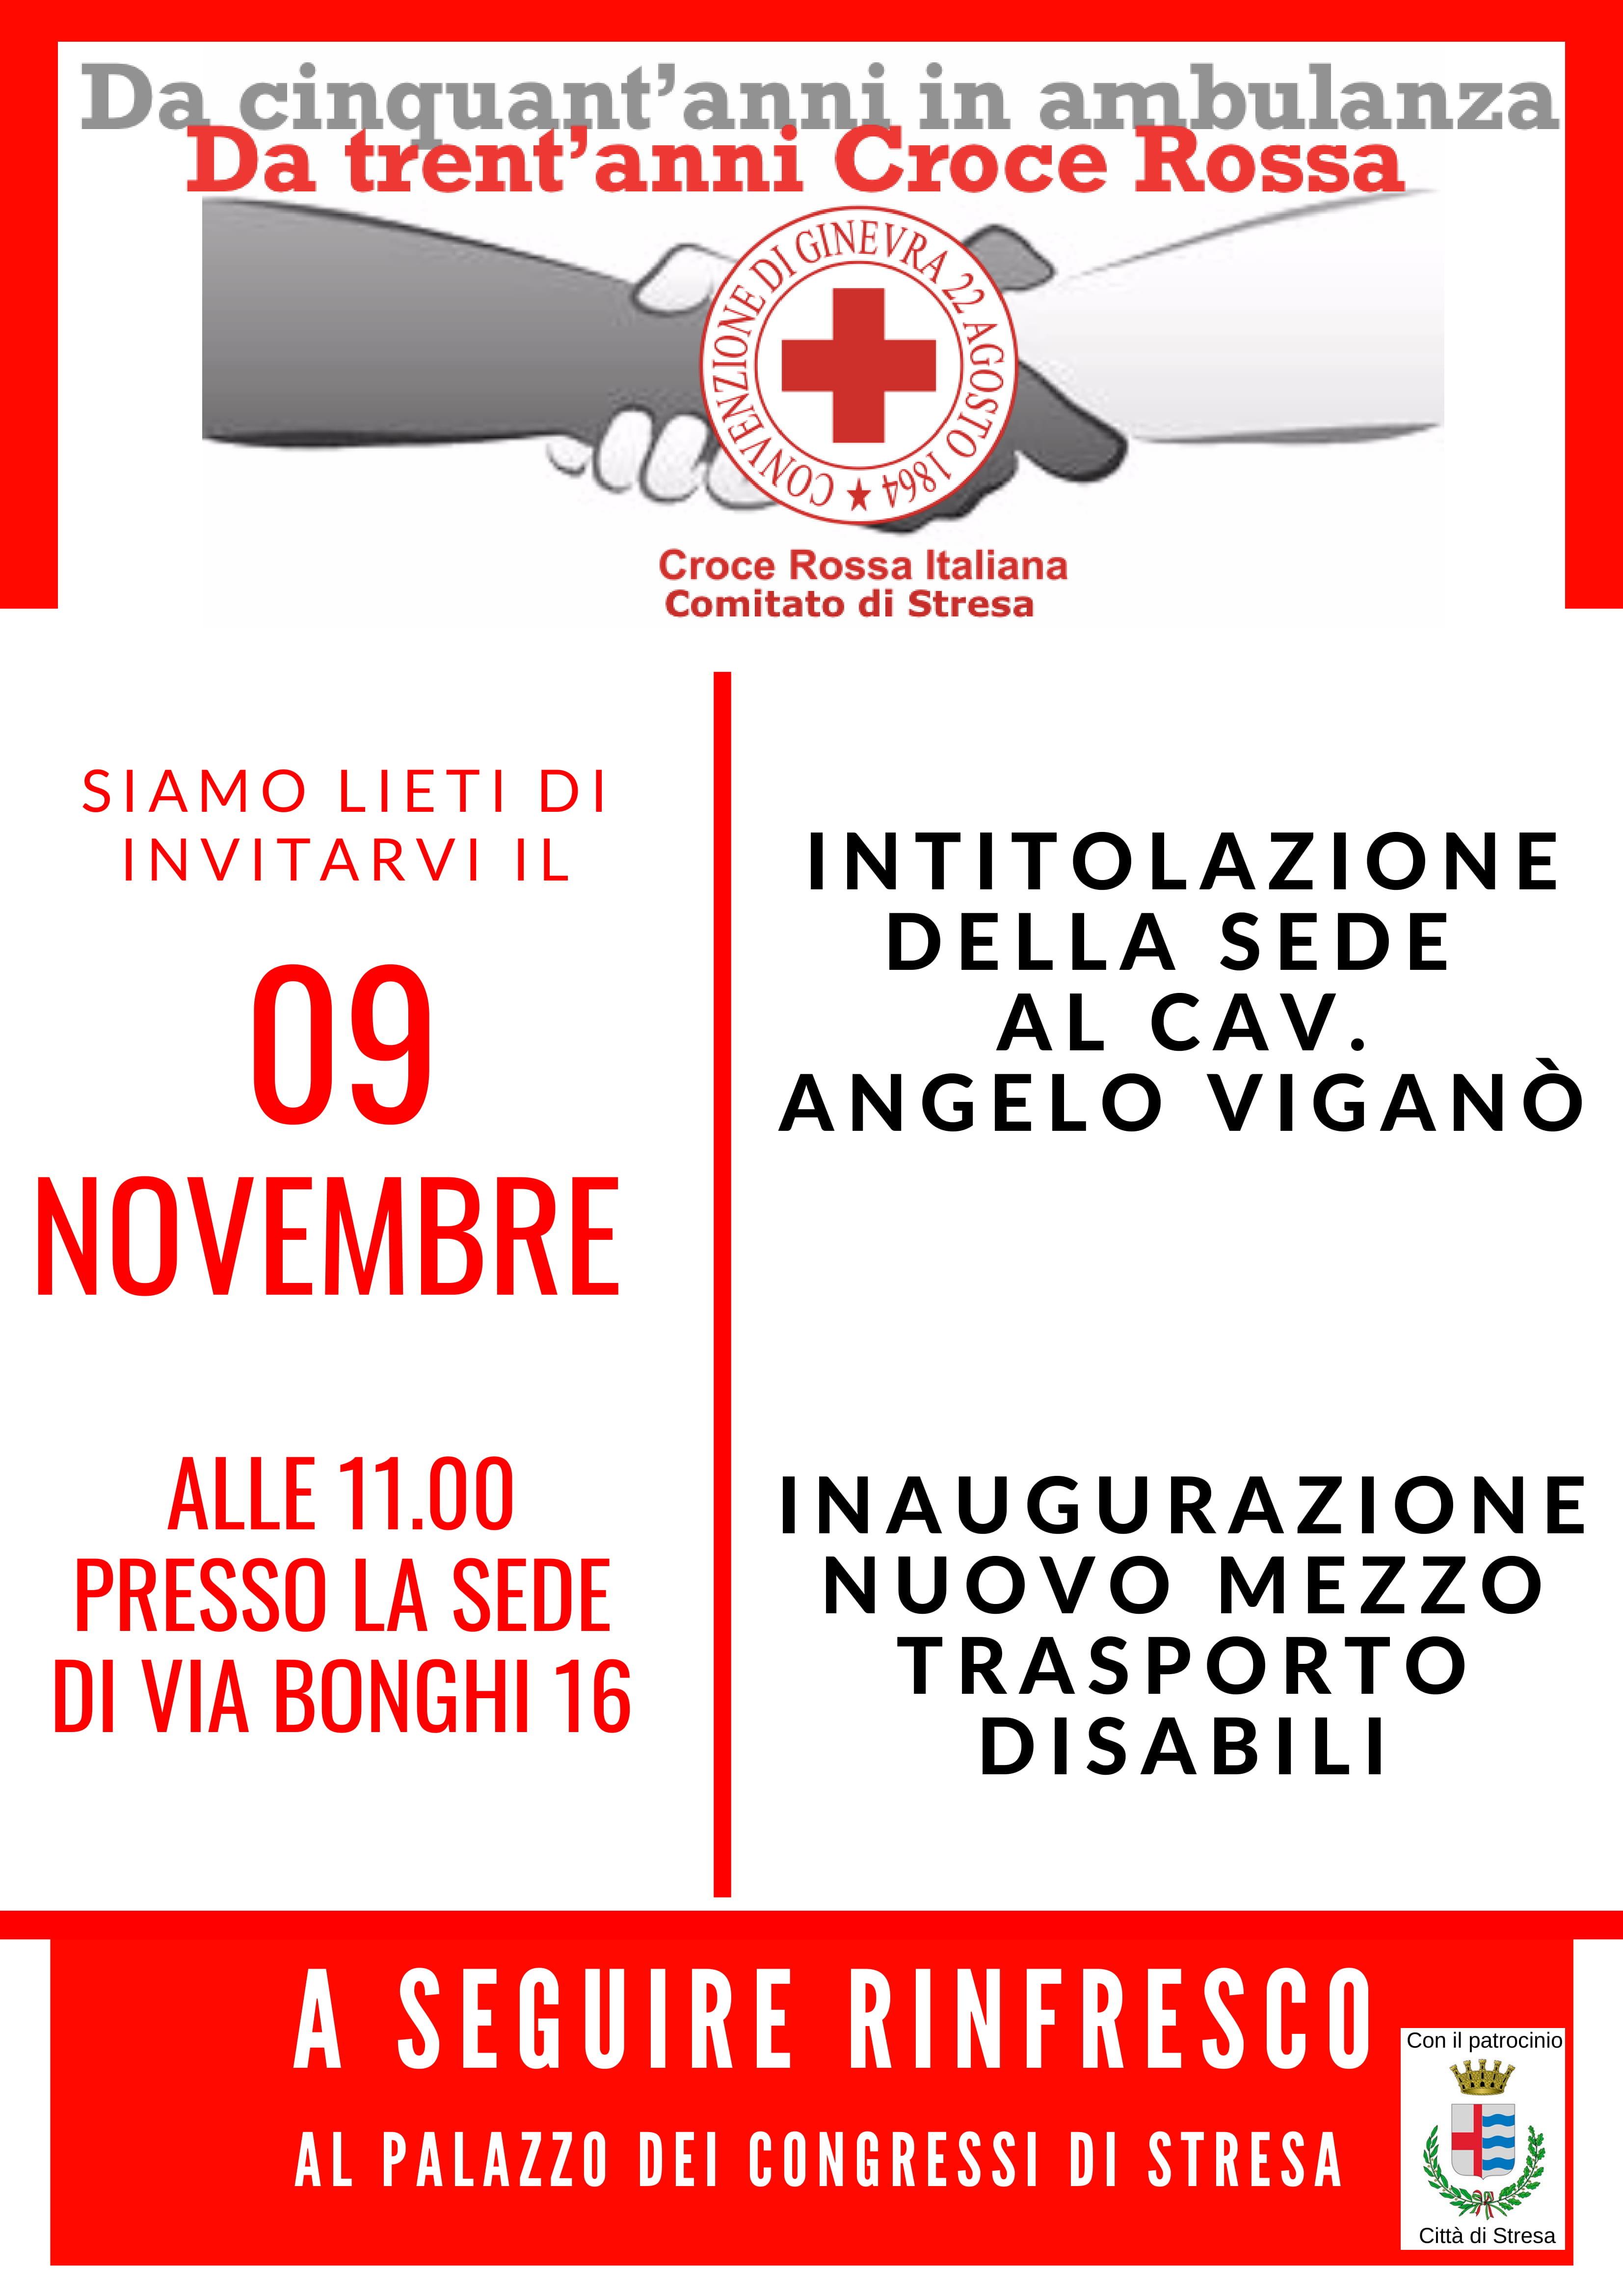 - Croce Rossa Italiana - Comitato di Stresa